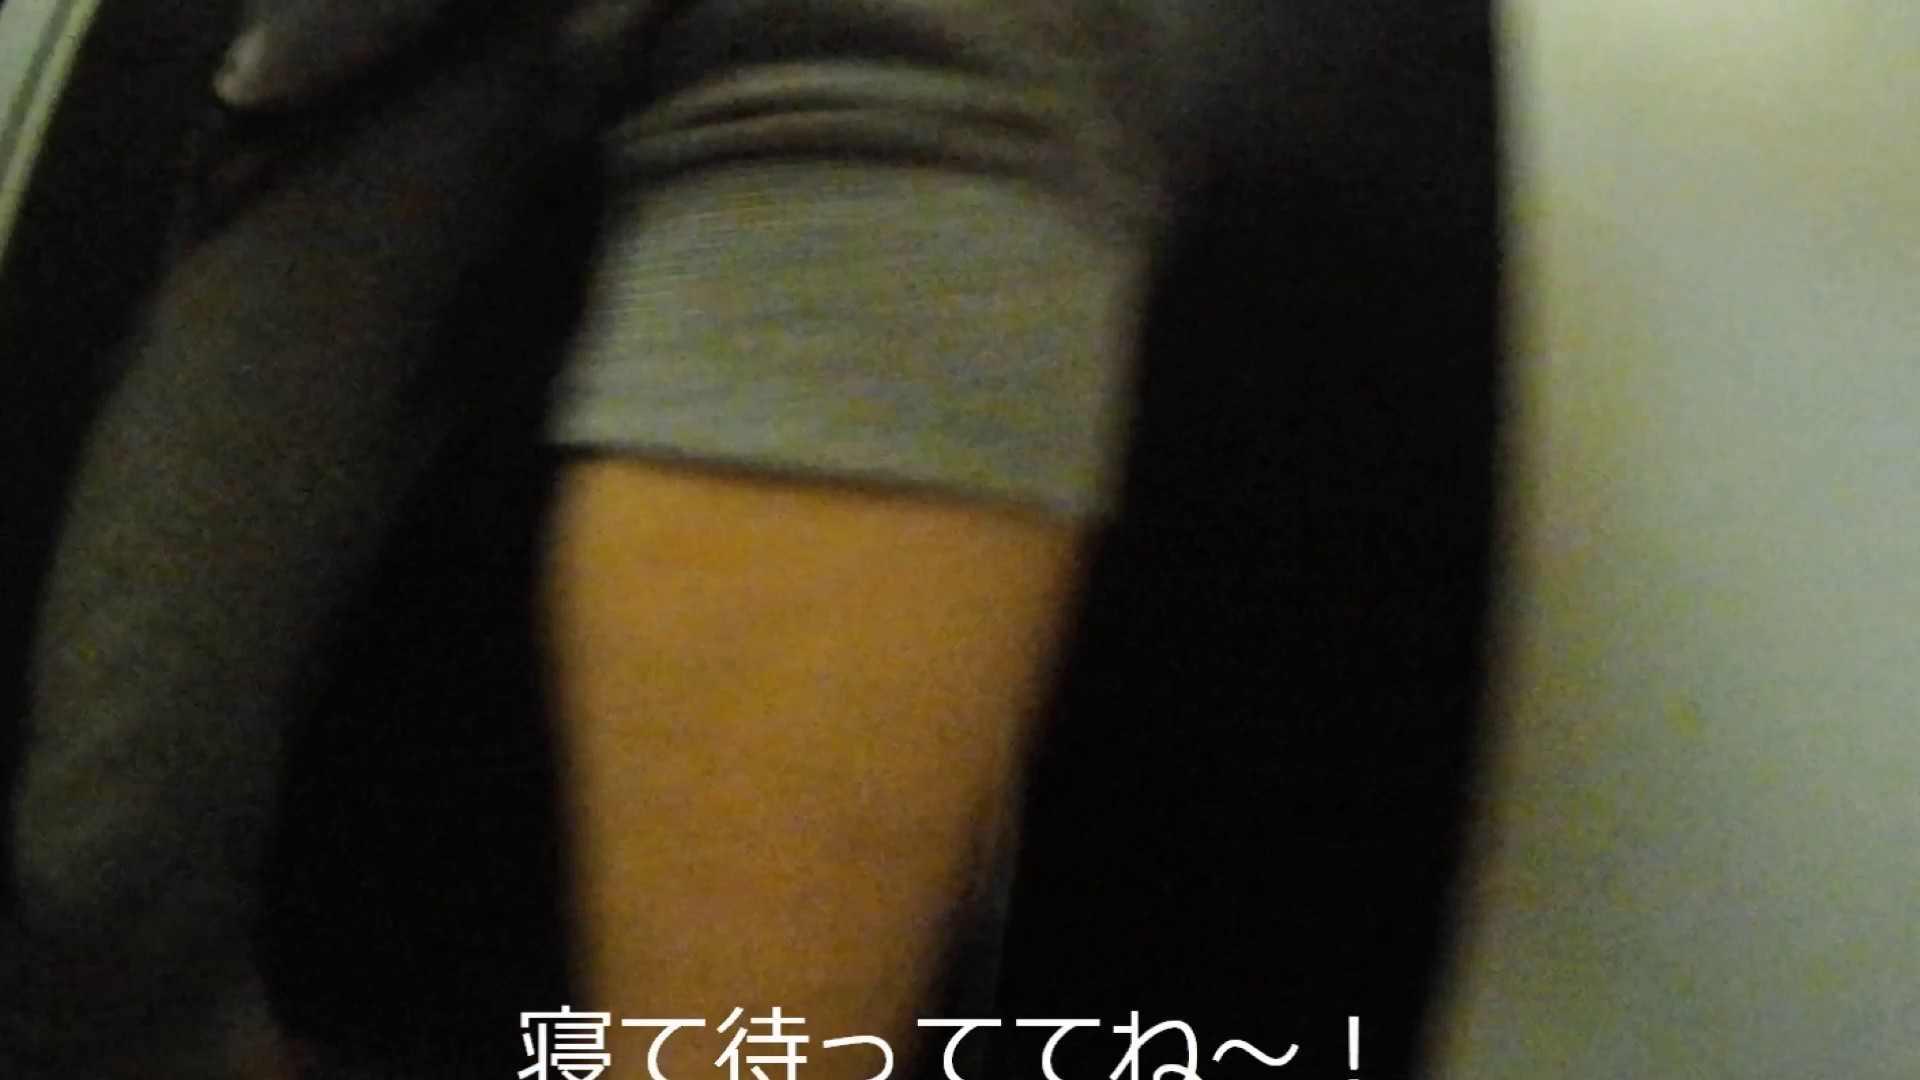 悪戯ネットカフェ Vol16 前篇 JD系モリマン発見!! 盗撮編 セックス画像 106枚 42